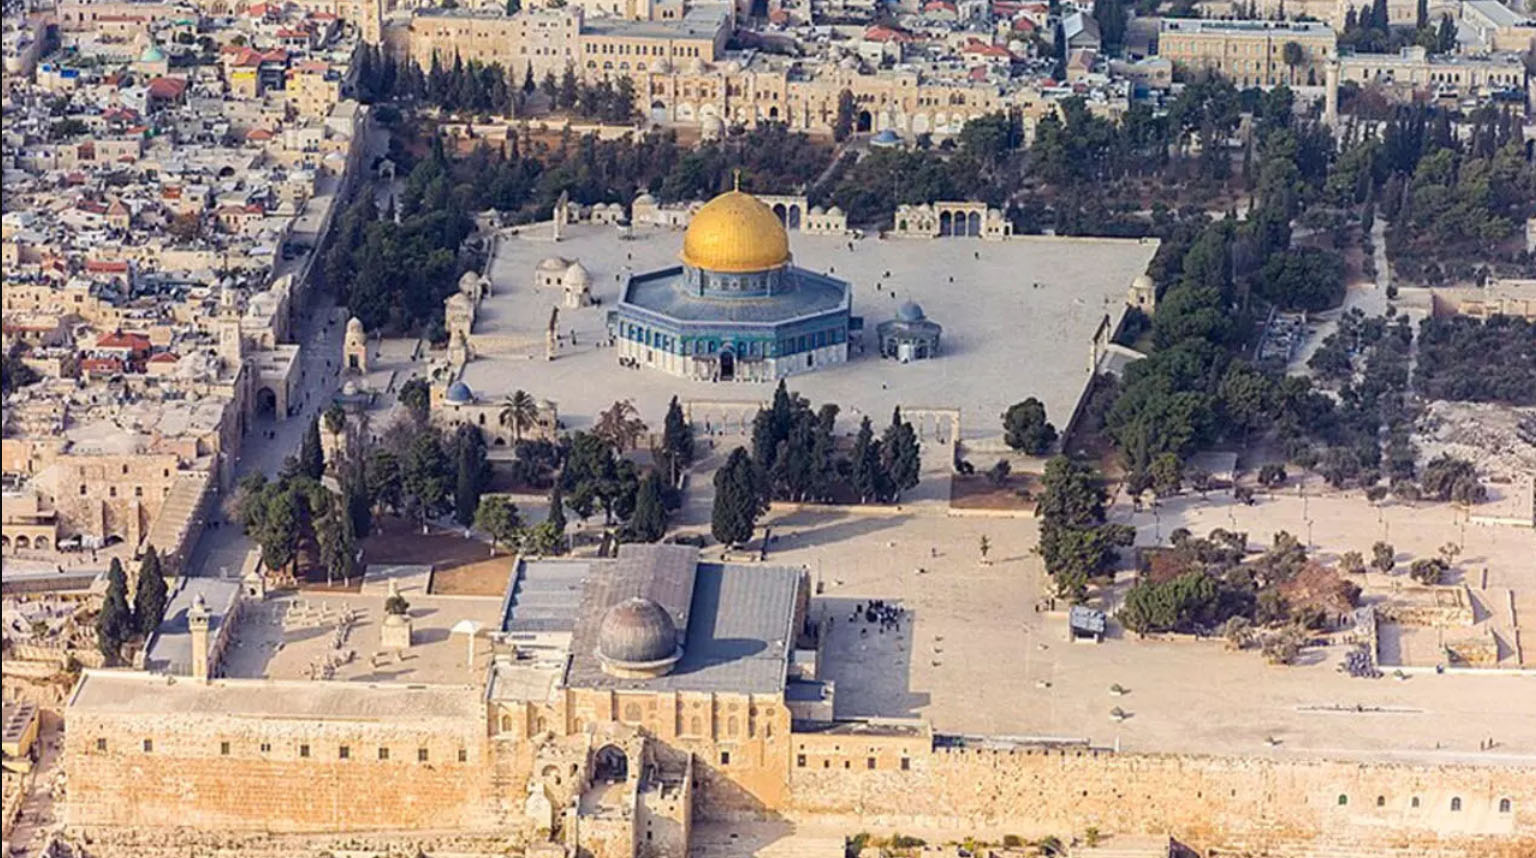 المجلس الوطني الفلسطيني يدعو الأمتين العربية والإسلامية لترجمة قراراتها إلى إجراءات لحمايته من التهويد